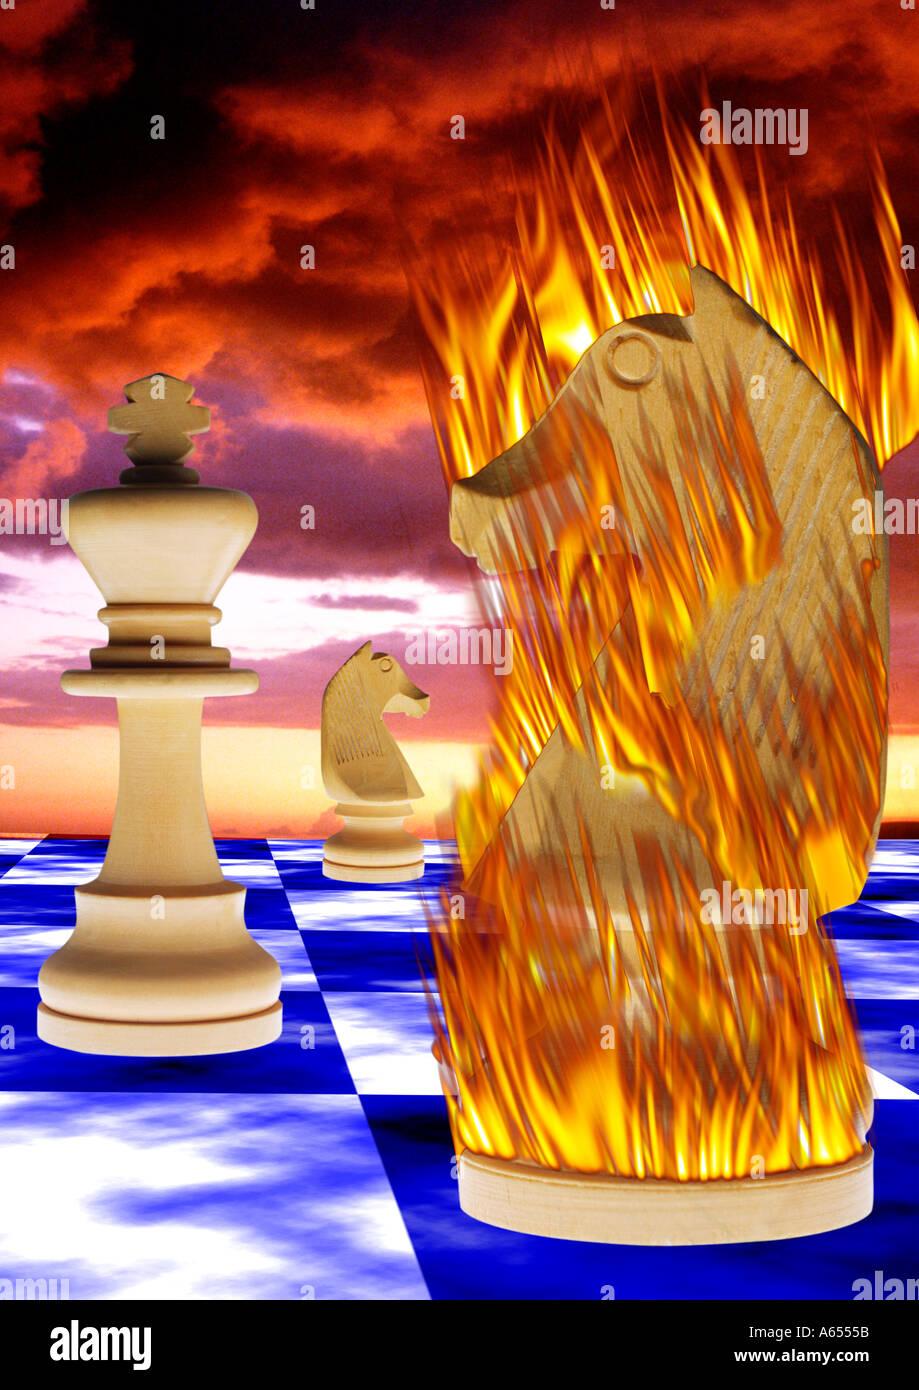 Gigante, Scacchi, pezzi, gioco, concetto astratto di effetti speciali, strategia, teoria, razionale, studio, matematiche, Foto Stock